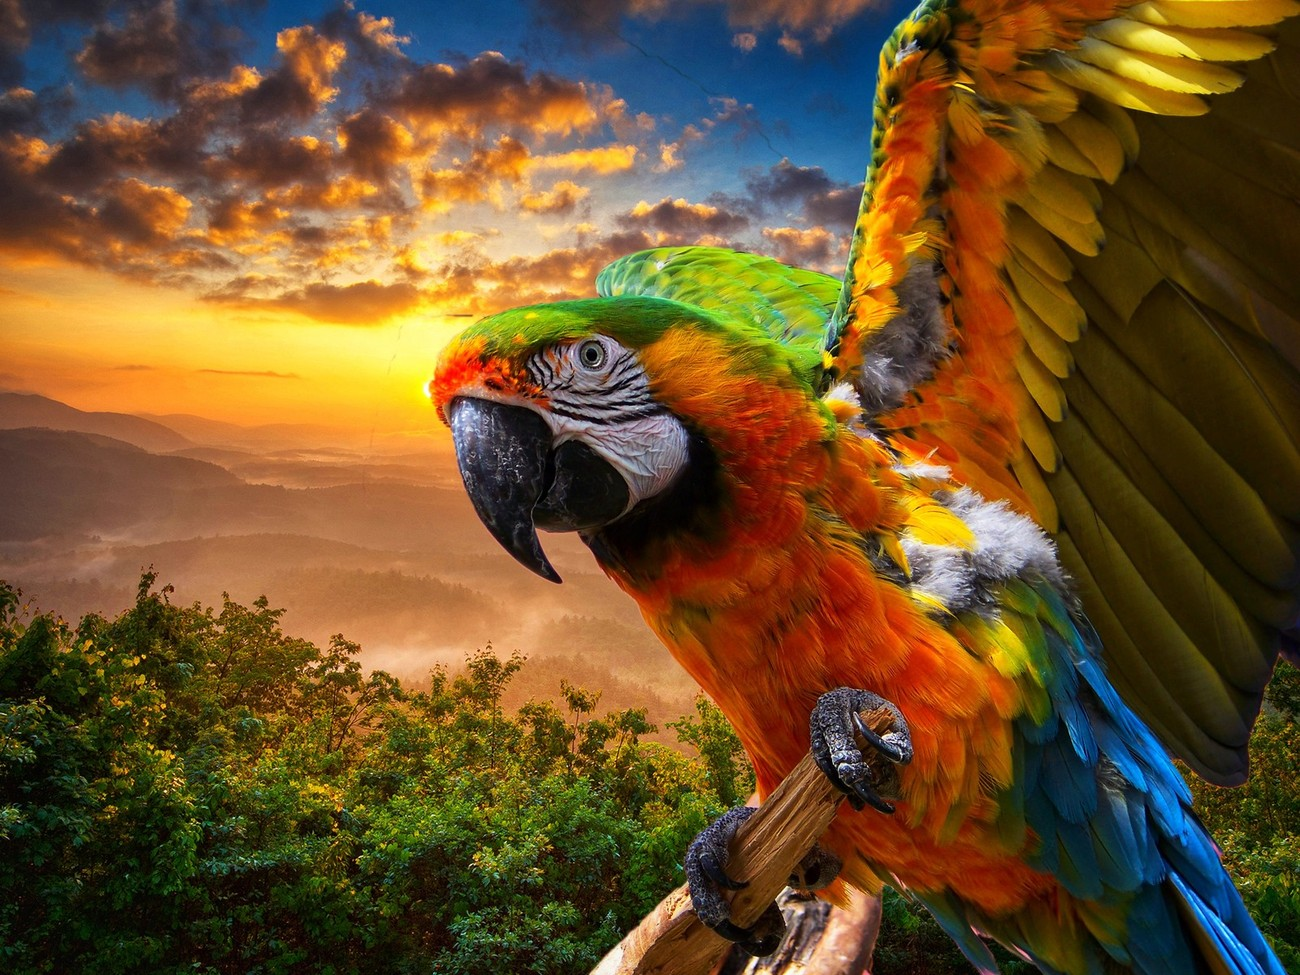 Macaw